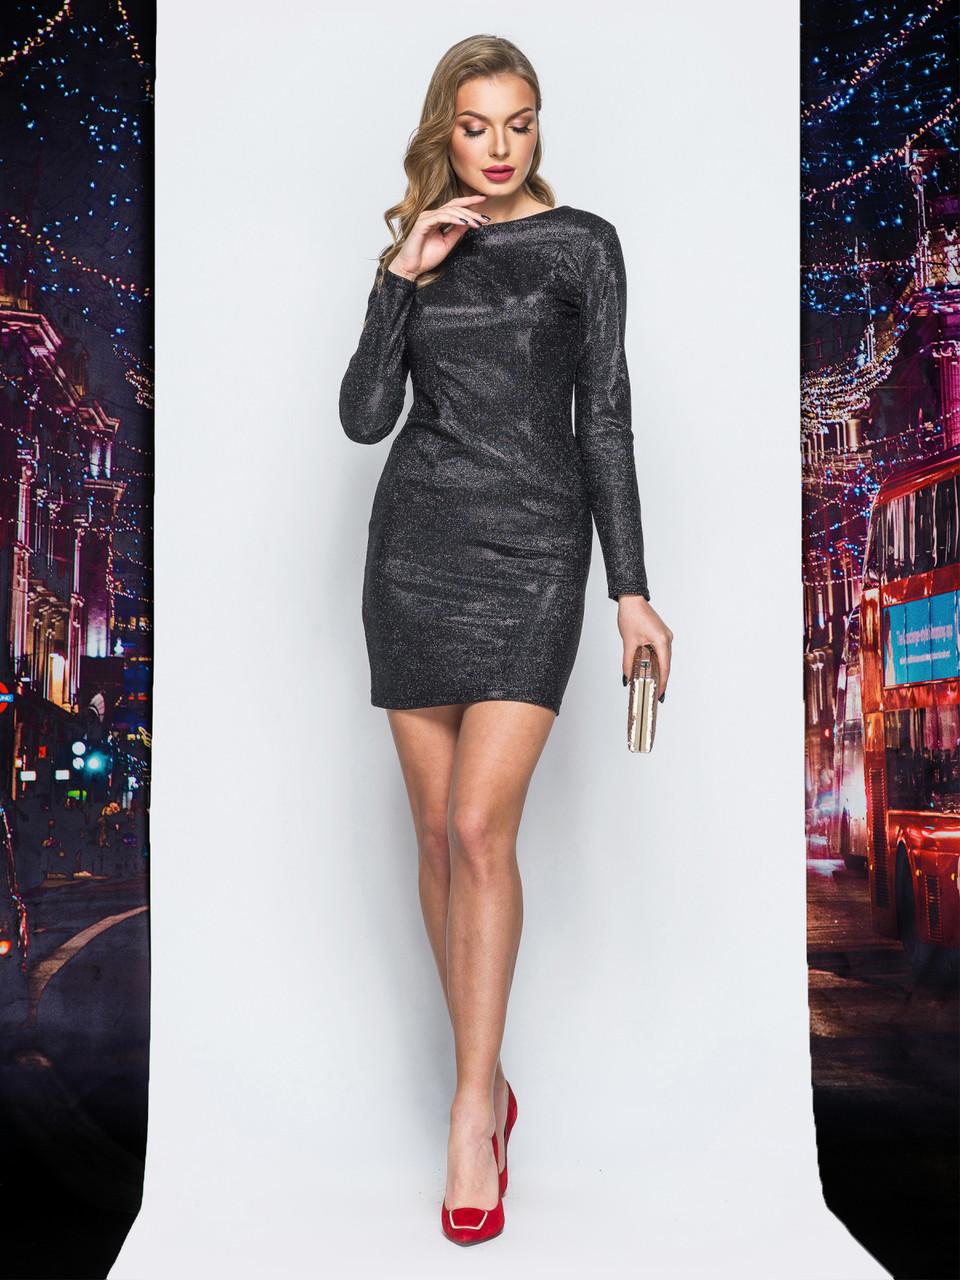 db83e8b8444bed Силуетне плаття-міні з люрексу з вирізом по спинці чорний розмір 44 46 -  ODUVANCHYK